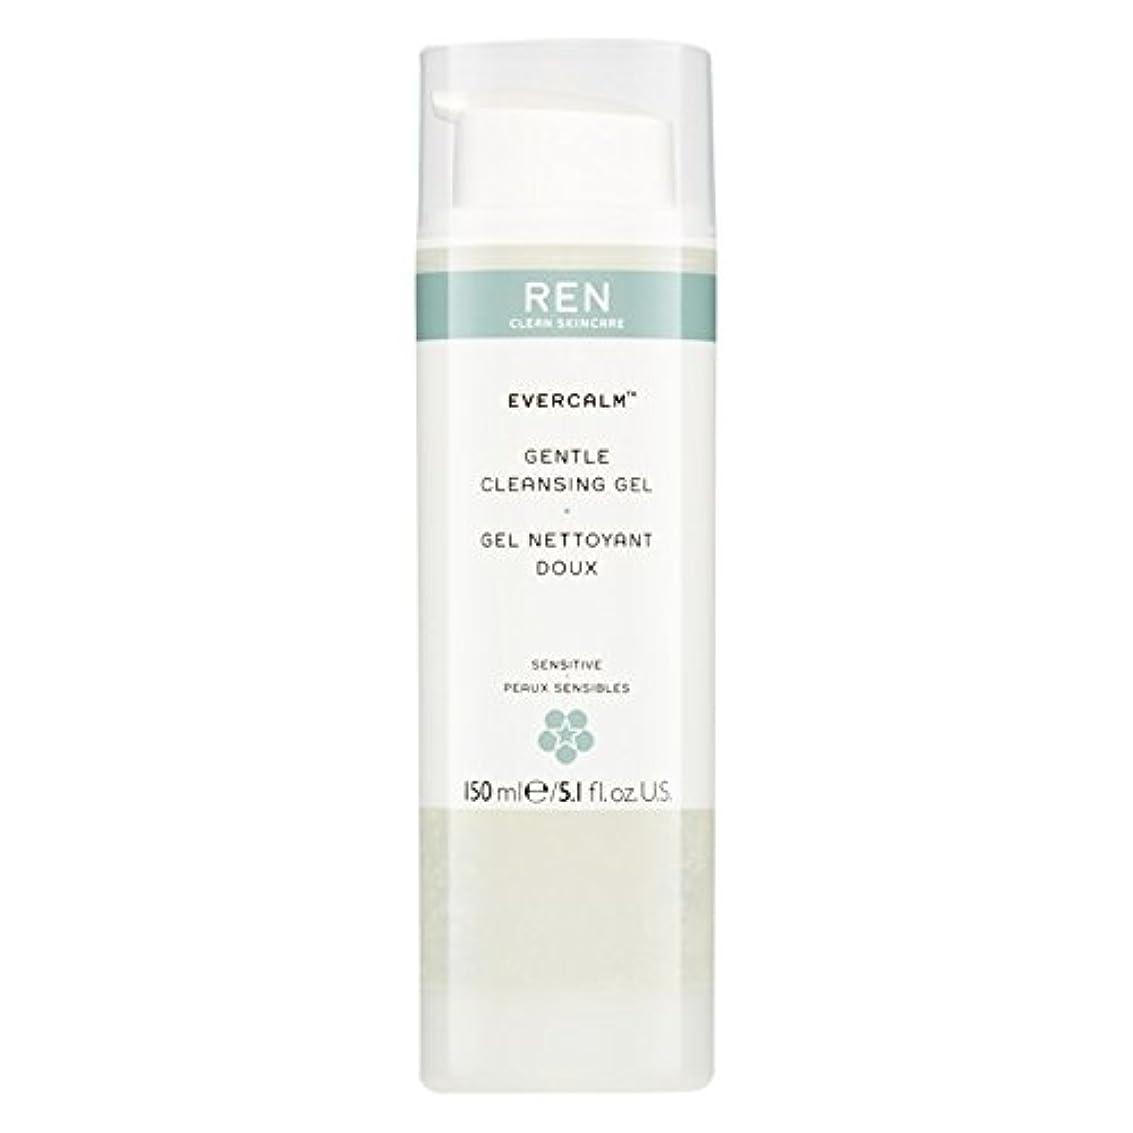 極めて池騒Ren Evercalm優しいクレンジングジェル、150ミリリットル (REN) (x2) - REN Evercalm Gentle Cleansing Gel, 150ml (Pack of 2) [並行輸入品]